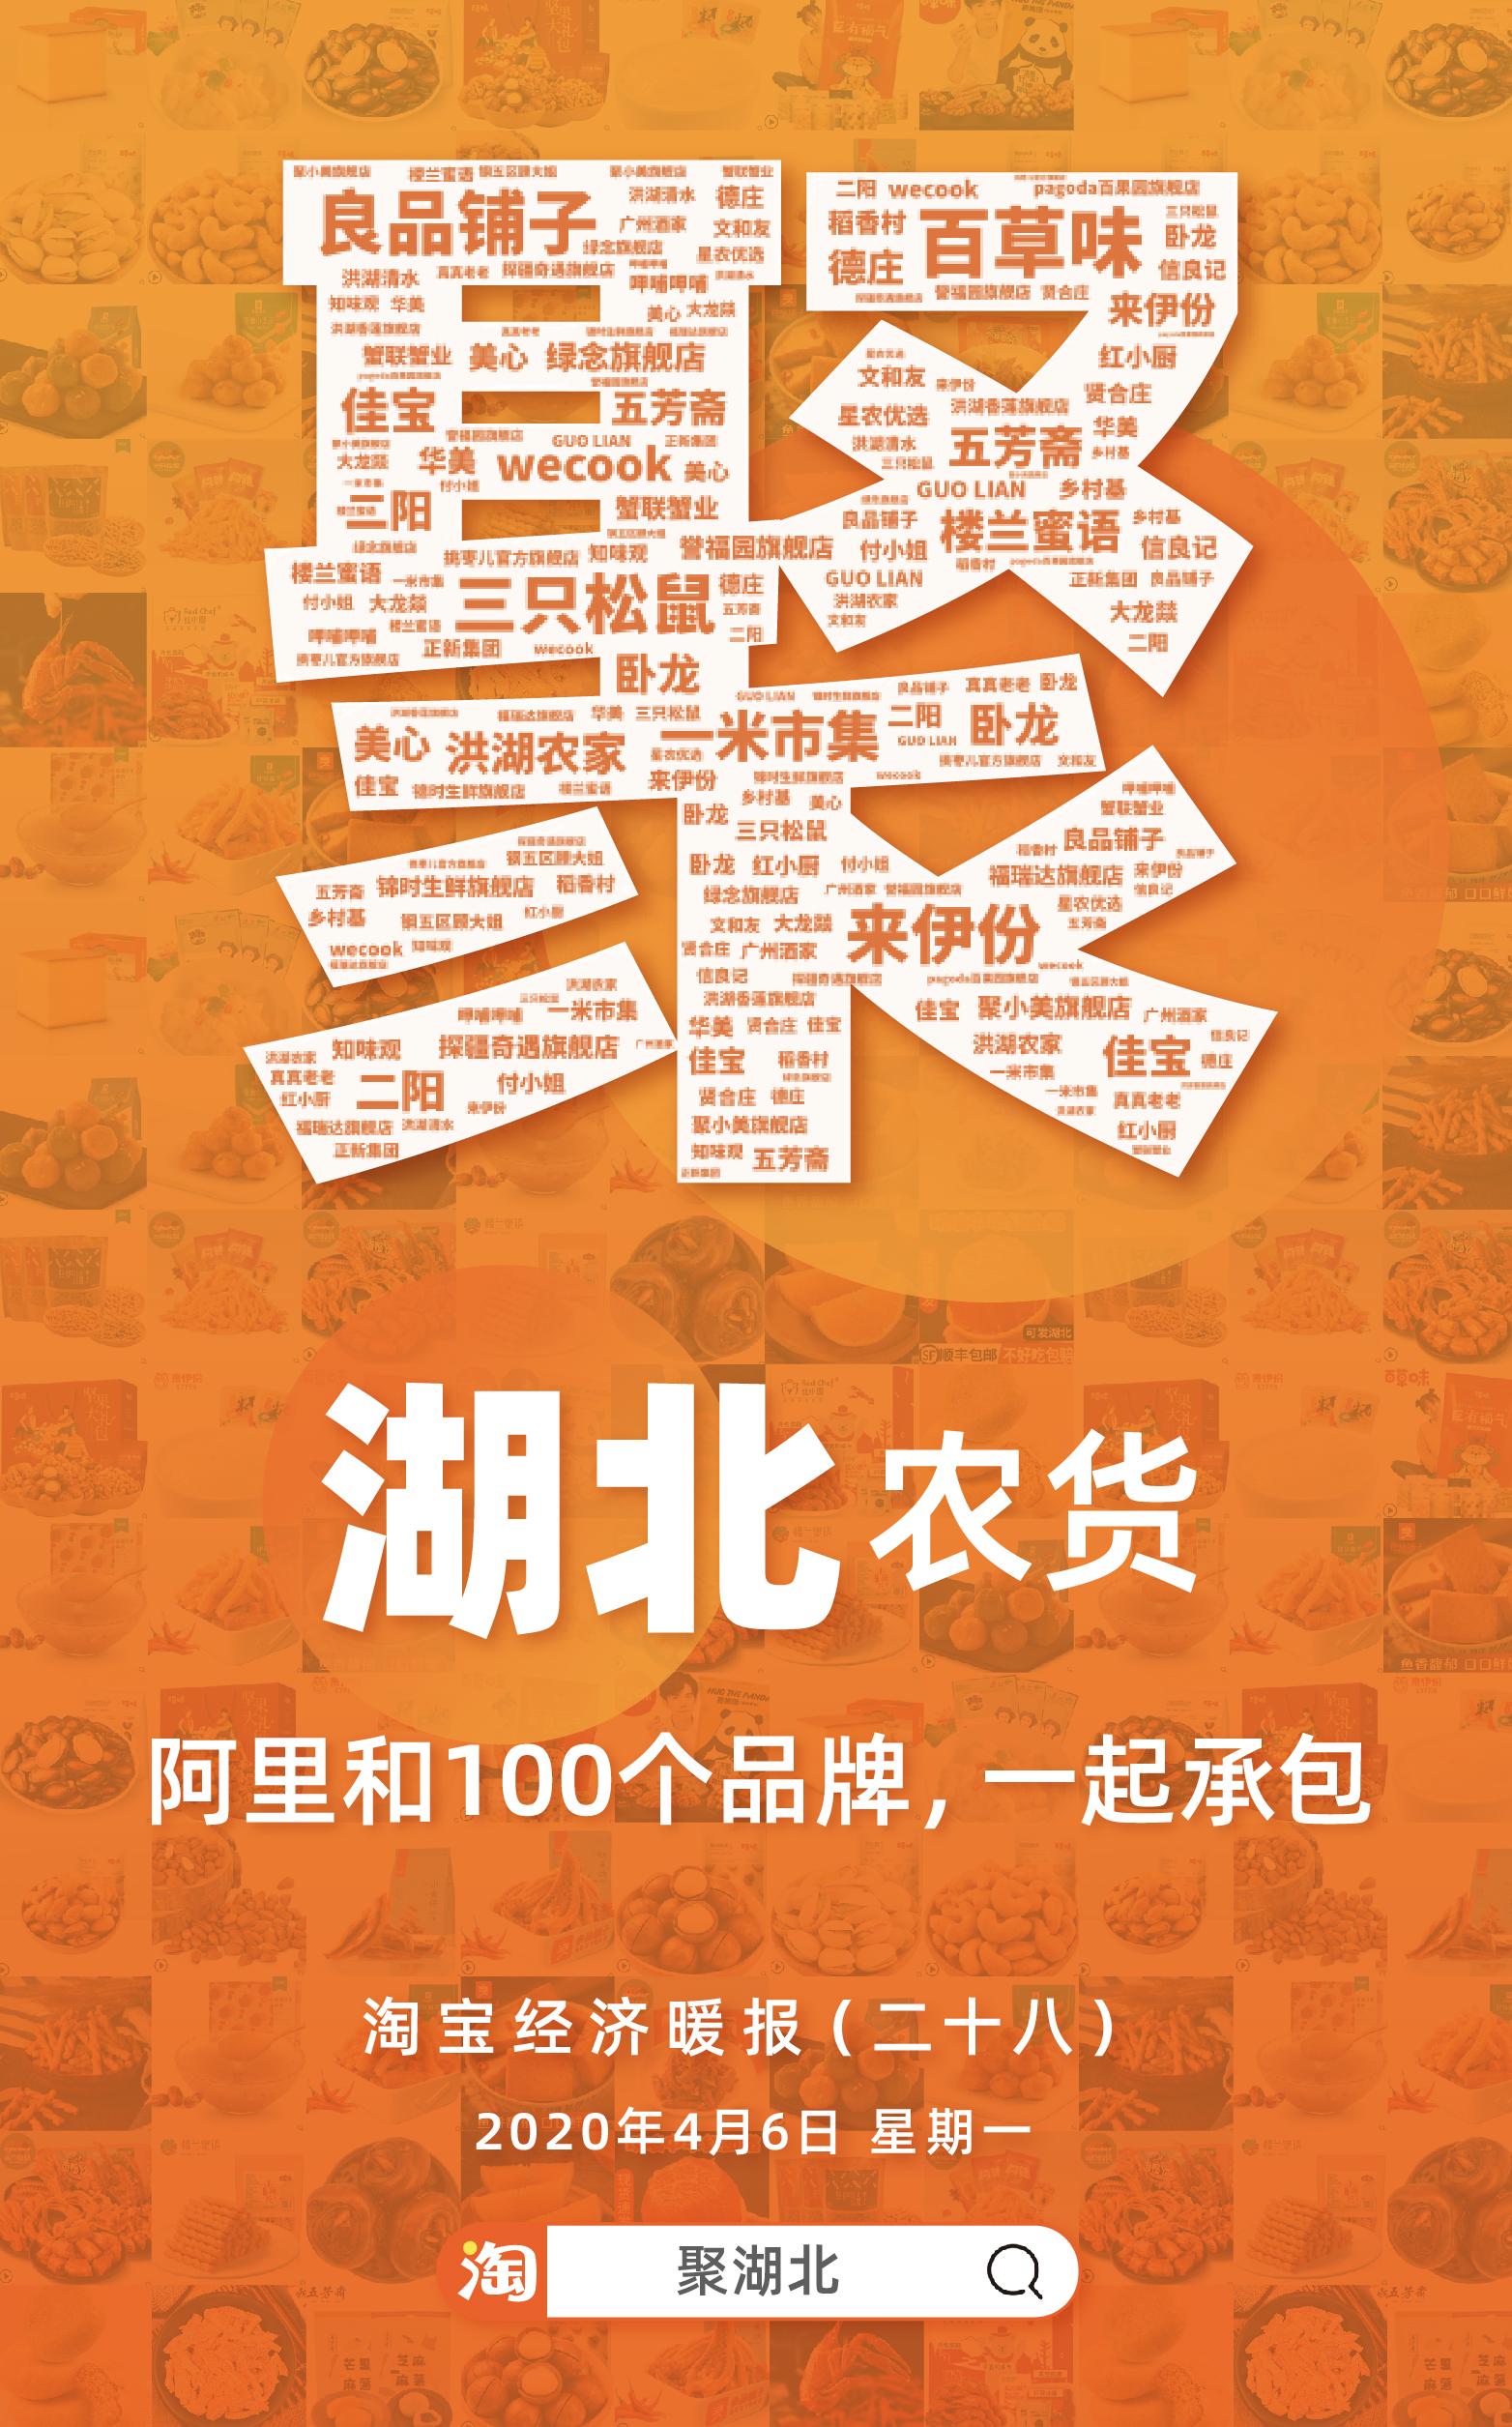 """阿里""""聚湖北""""活动上线一小时卖出20万单农货食品_零售_电商报"""